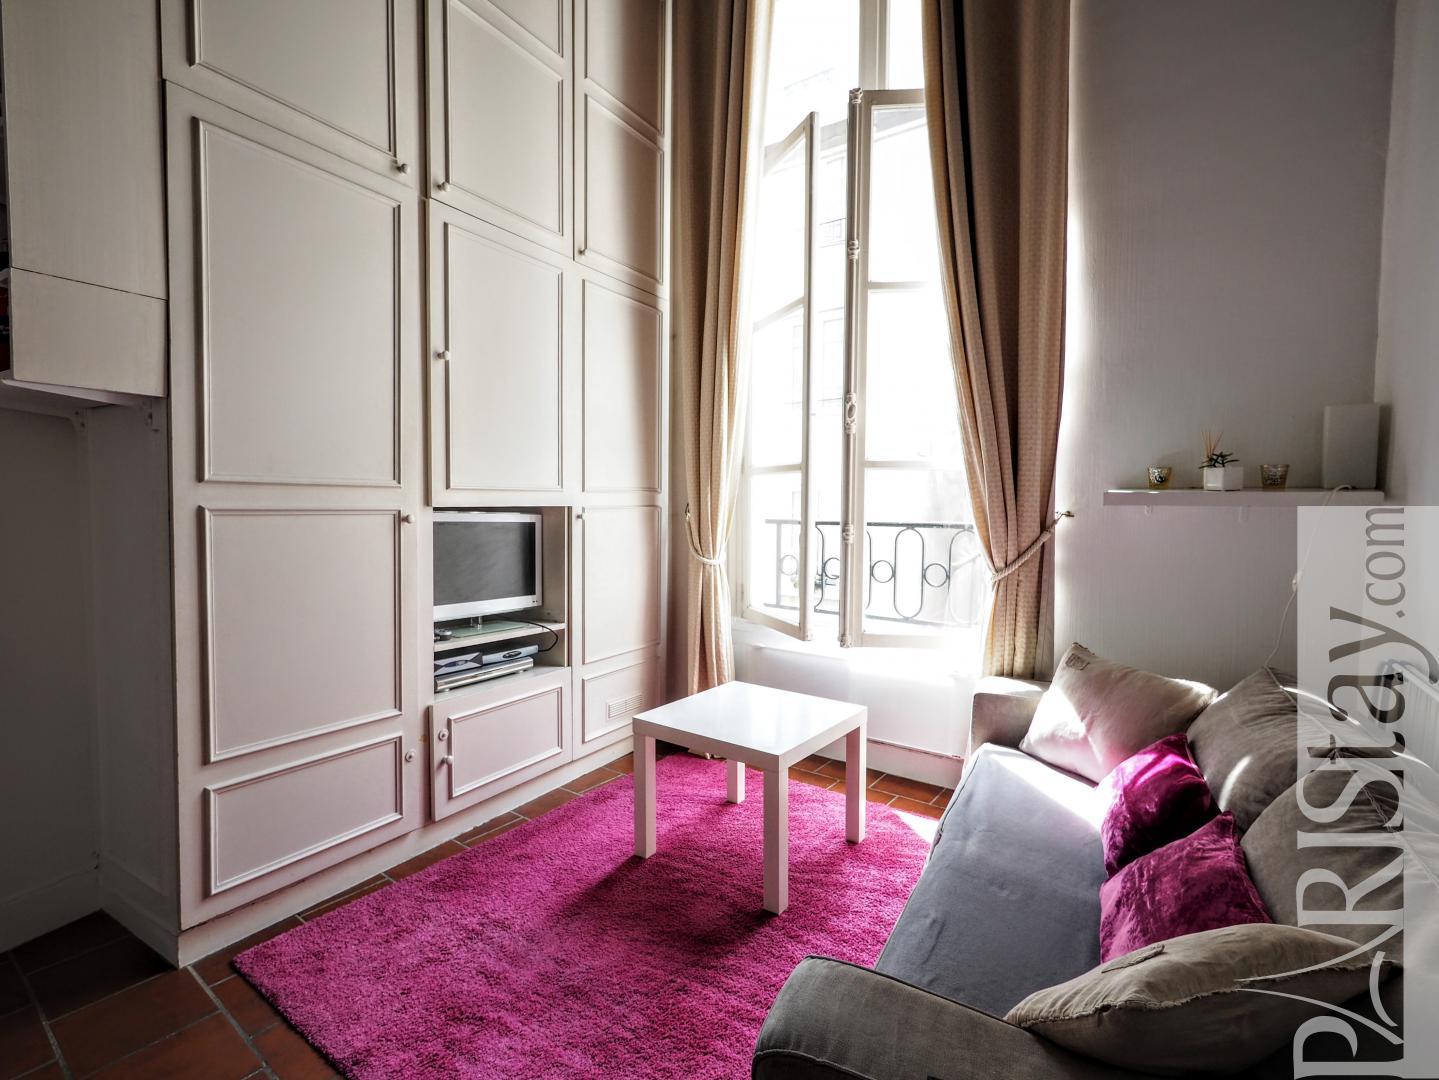 appartements meubles paris studio mezzanine centre pompidou halles. Black Bedroom Furniture Sets. Home Design Ideas